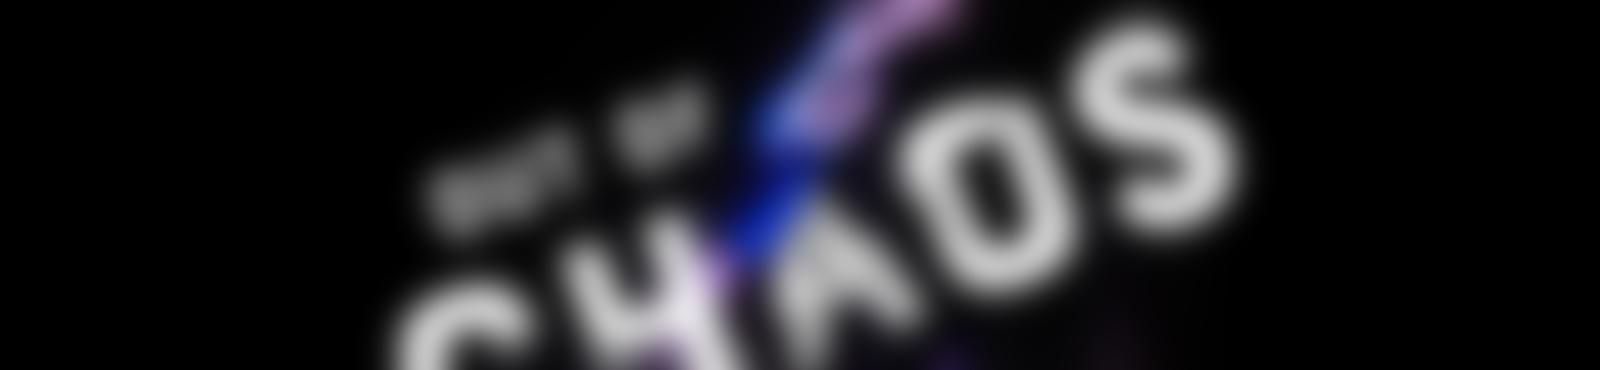 Blurred 1f181a1b 8cf7 4b20 ba97 d669c2b06bac